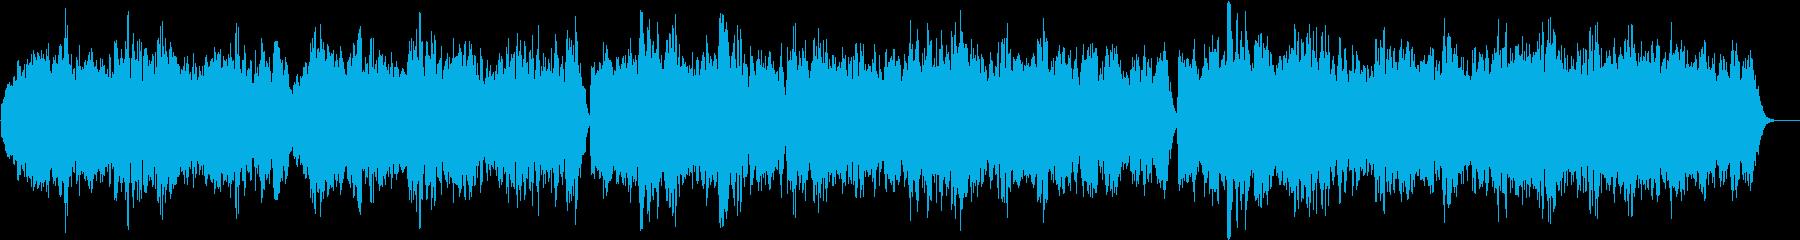 G線上のアリア〜弦楽合奏バージョン〜の再生済みの波形